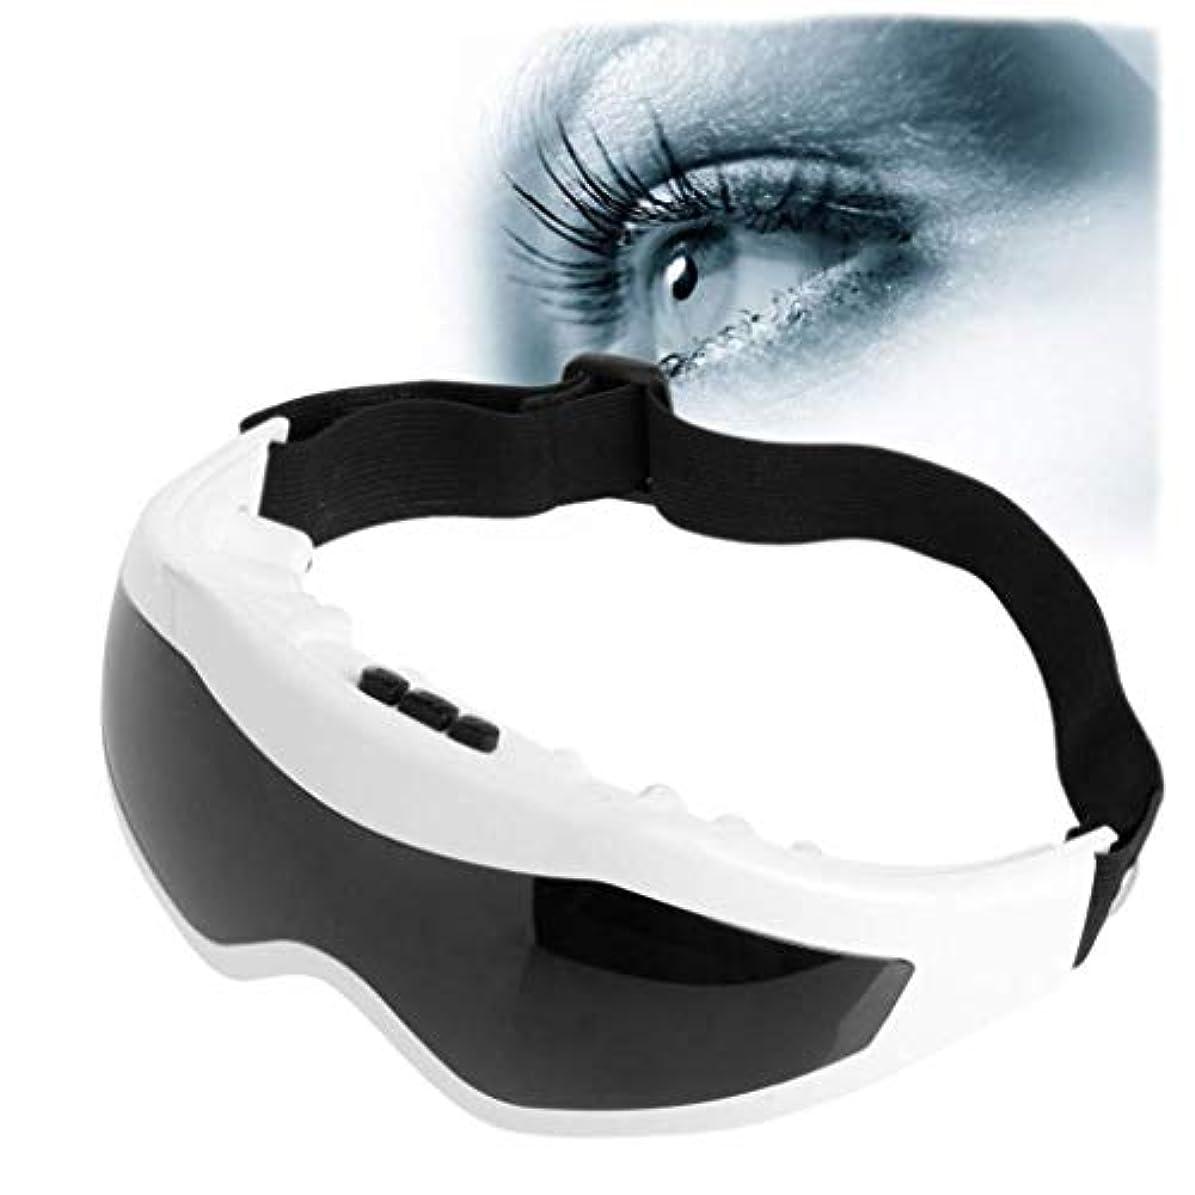 電気アイマッサージャー、9種類のマッサージ方法USB充電式、アイケアマッサージリラックス振動を軽減指の圧力を軽減します目の疲れを軽減するための保護器具